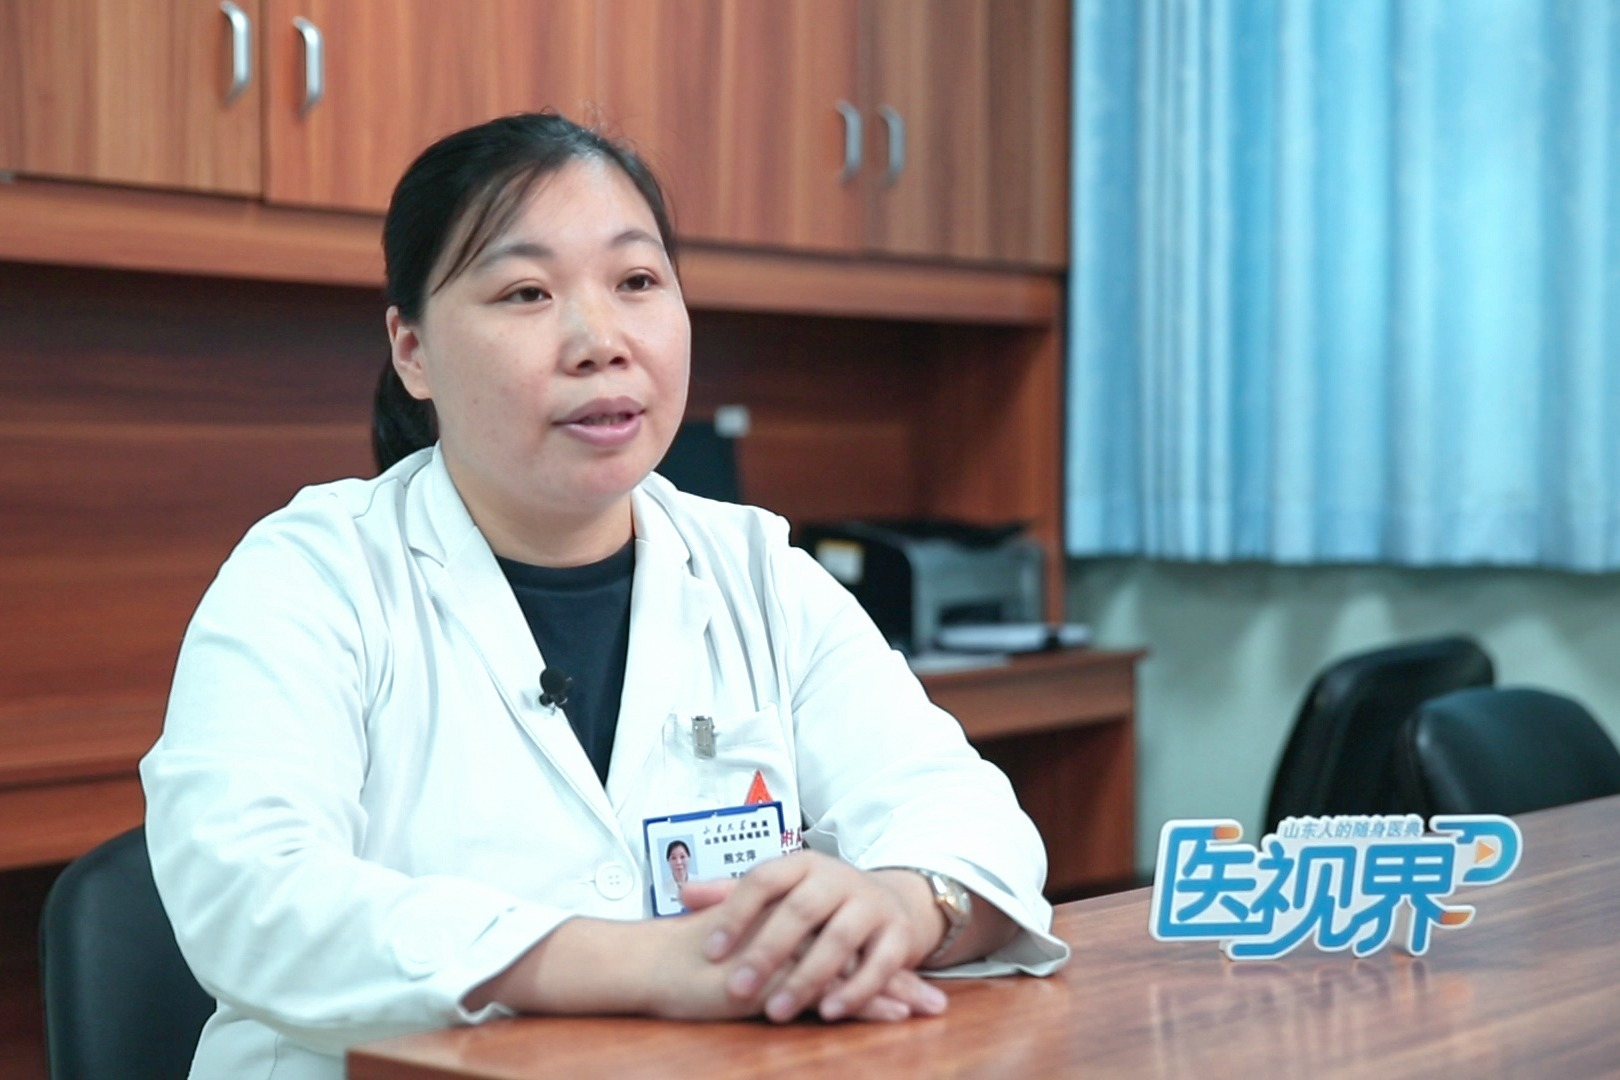 医视界|如何预防突发性耳聋的发生?